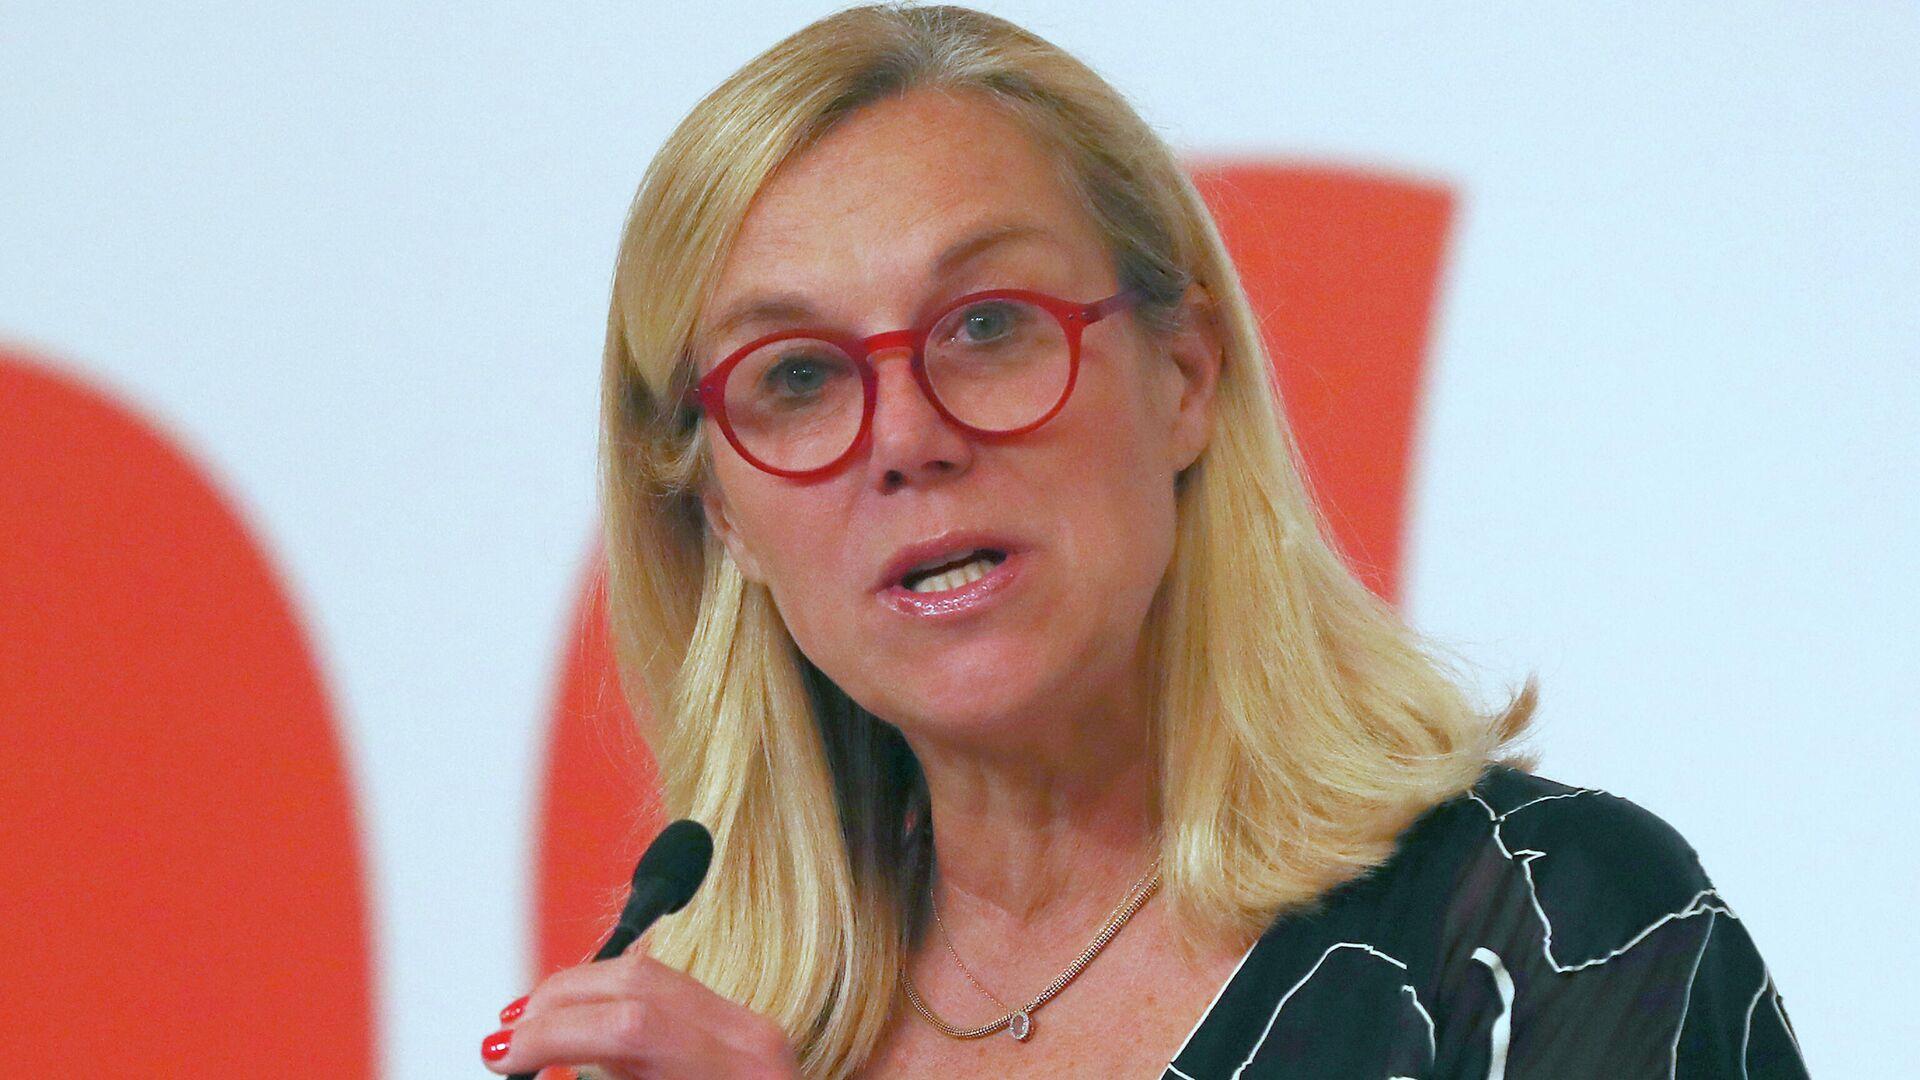 Sigrid Kaag, ministra de Comercio Exterior y Cooperación para el Desarrollo de los Países Bajos - Sputnik Mundo, 1920, 10.05.2021